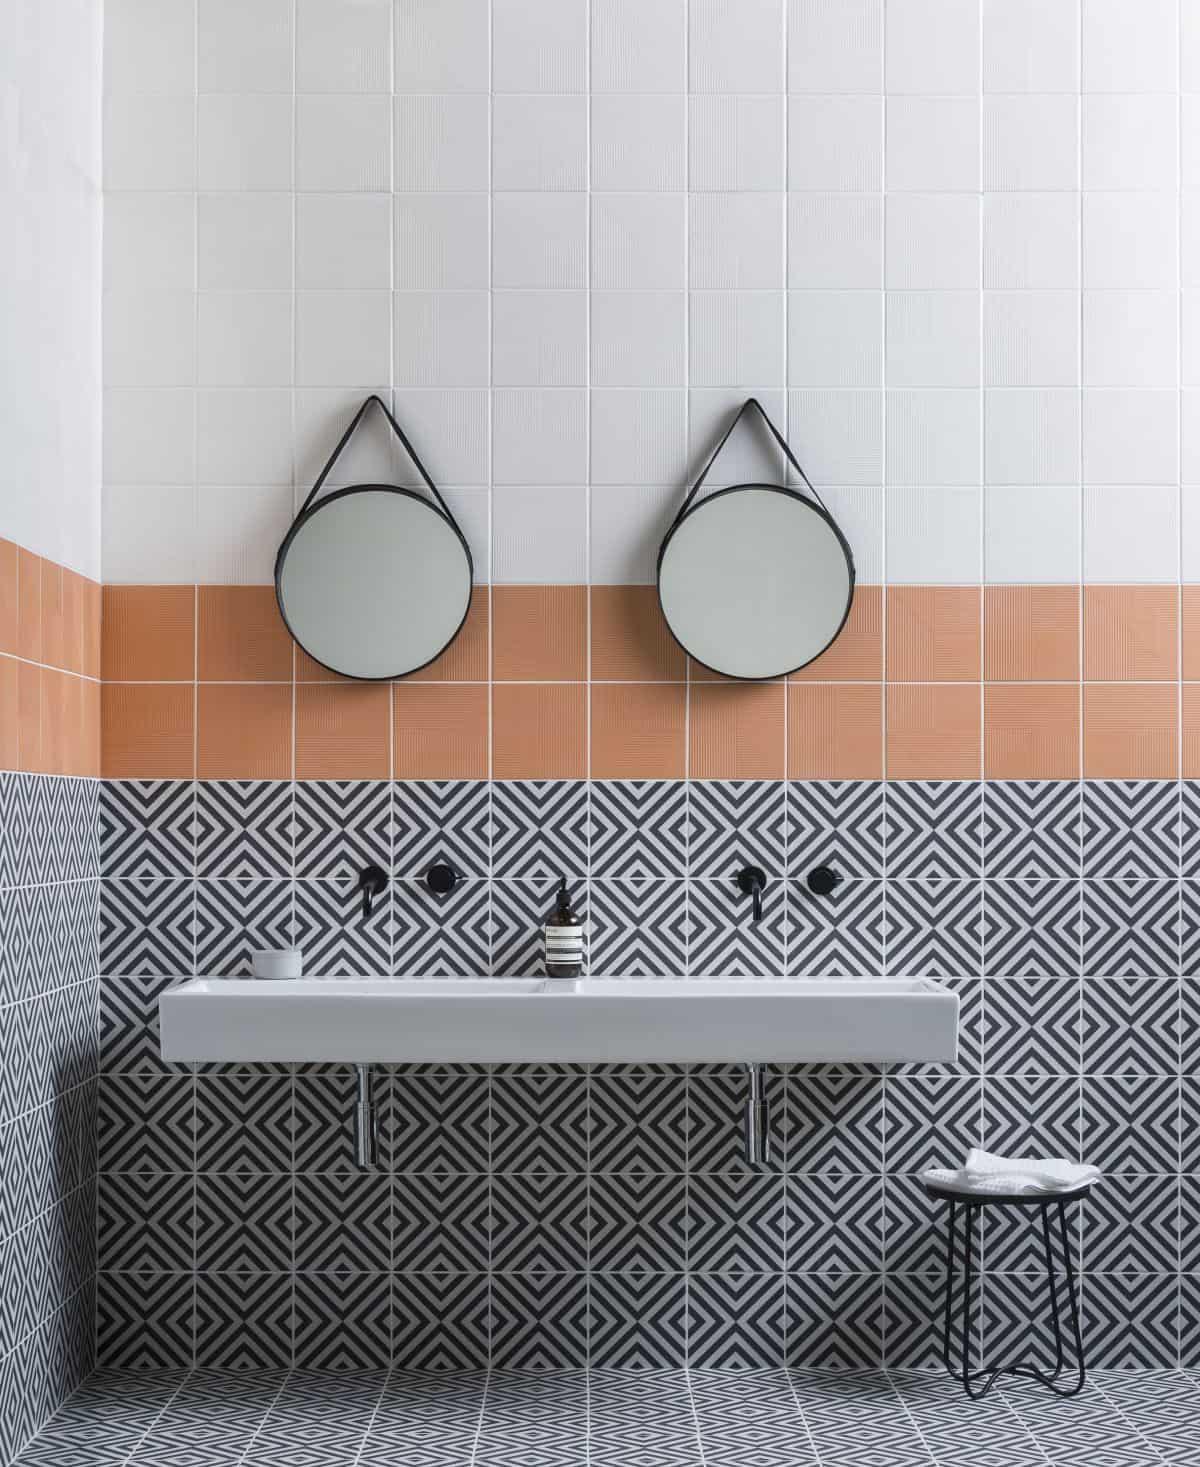 multiple tiles